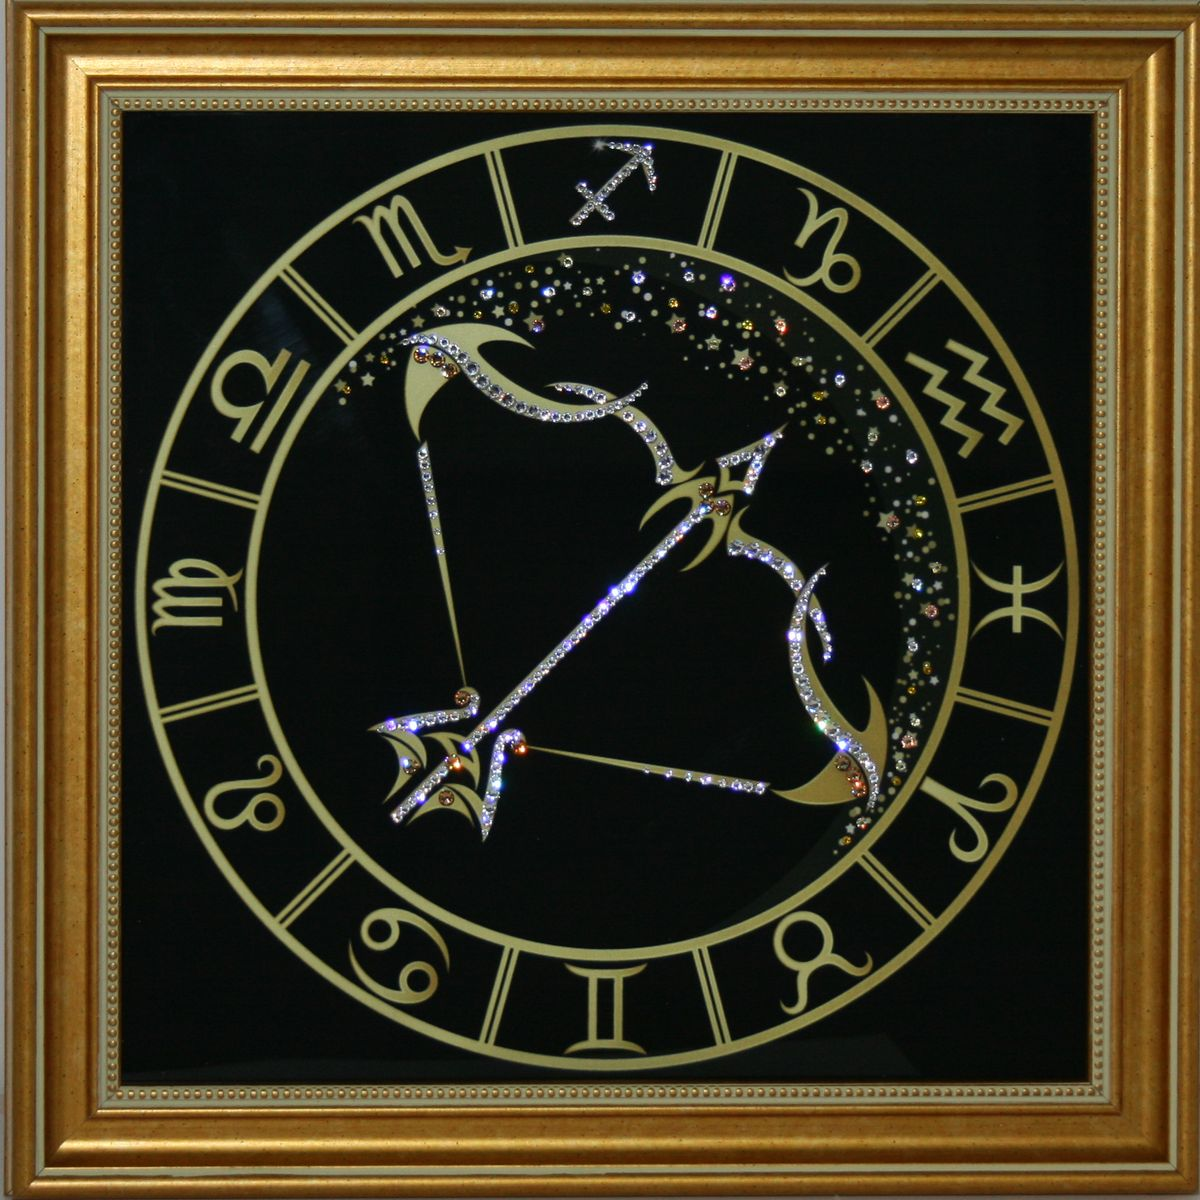 1718 Картина СваровскиСтрелец Золото1718Картина в багете, инкрустированная кристалами сваровски